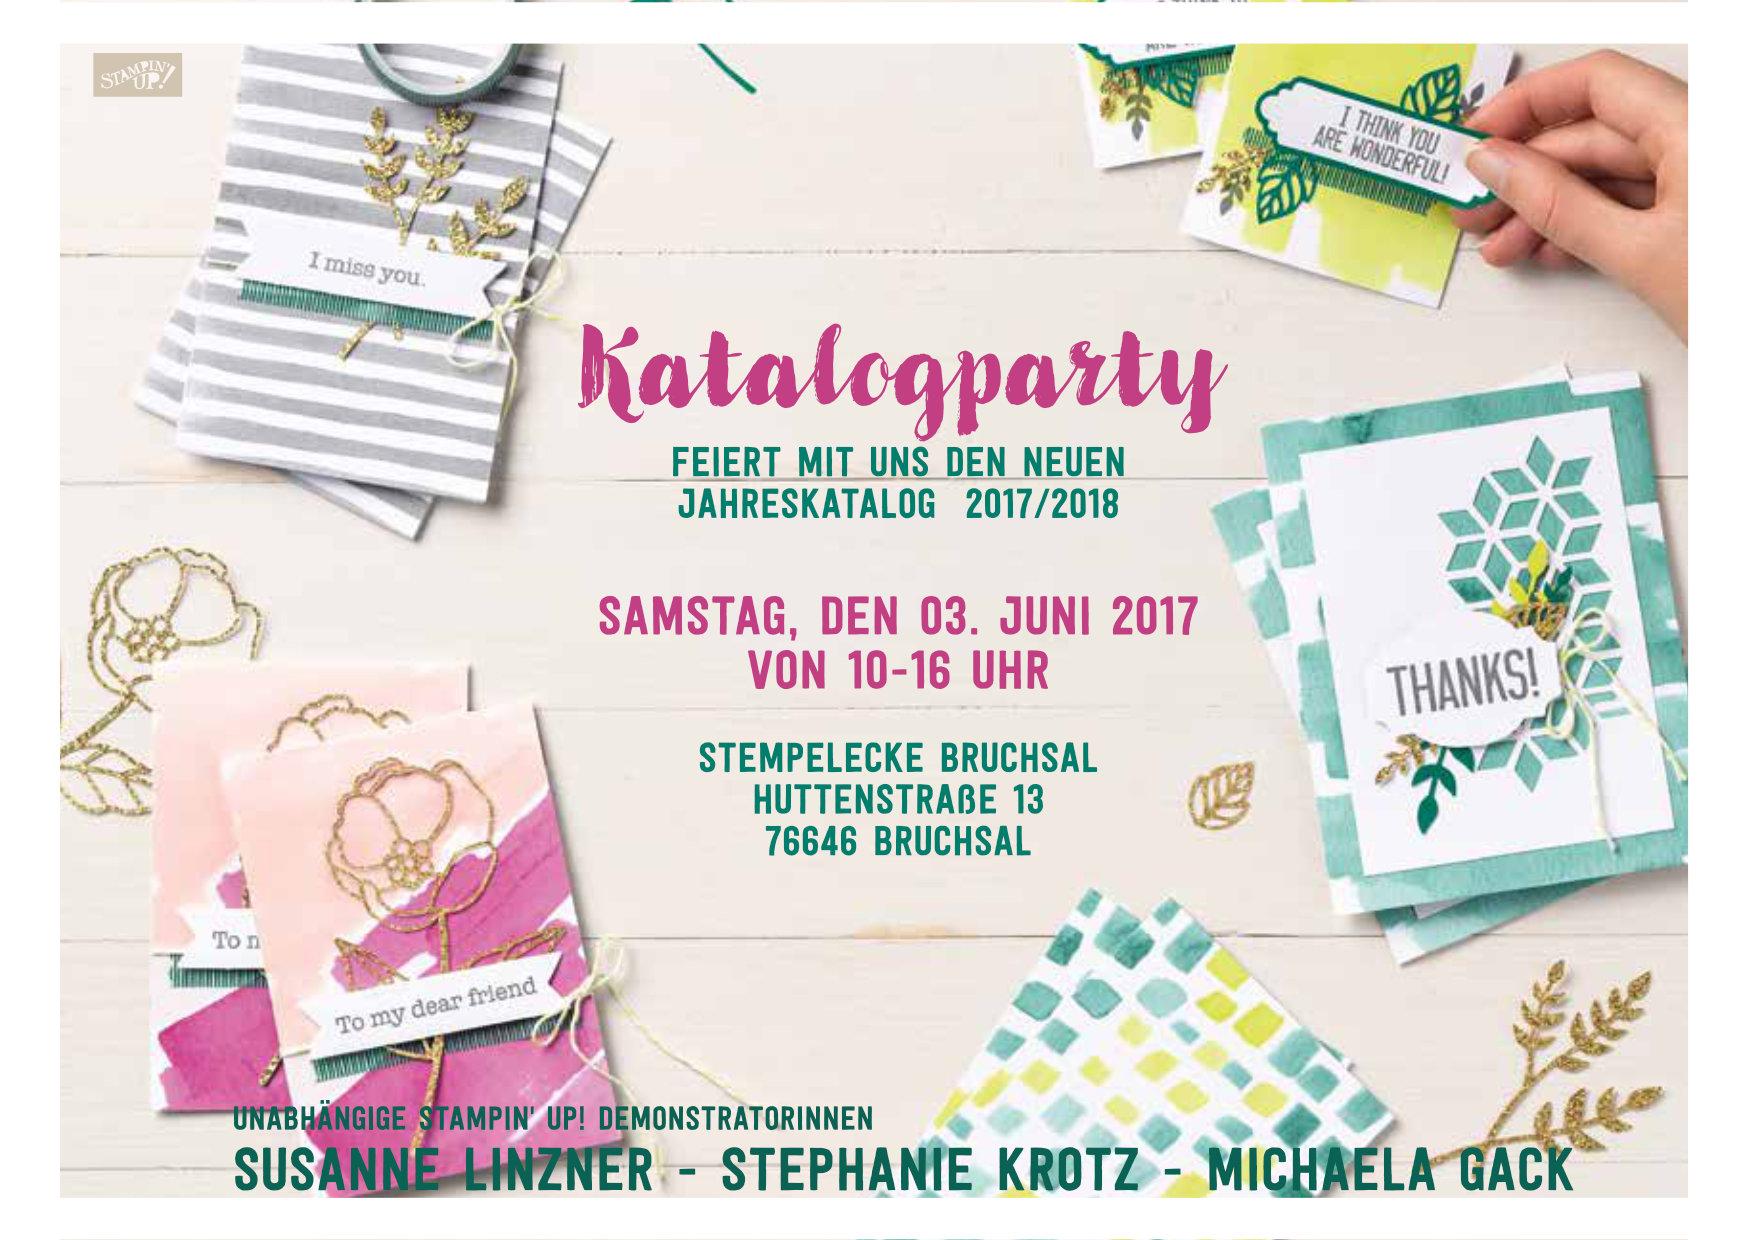 Katalogparty 2017